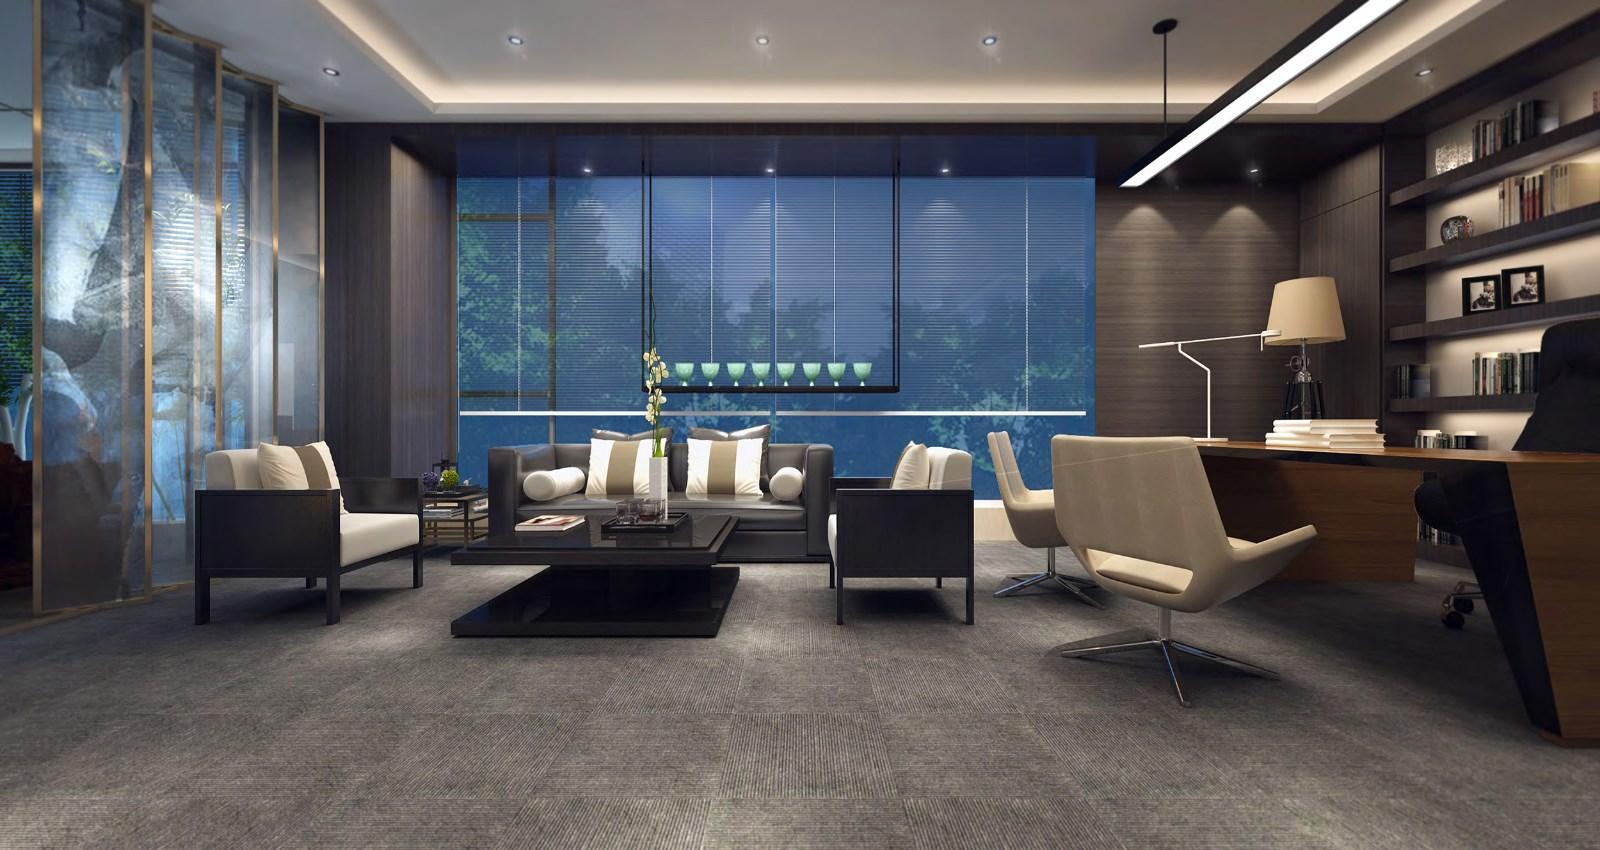 商业街美陈装修_商业街建筑、建材-深圳市唯创装饰设计工程有限公司